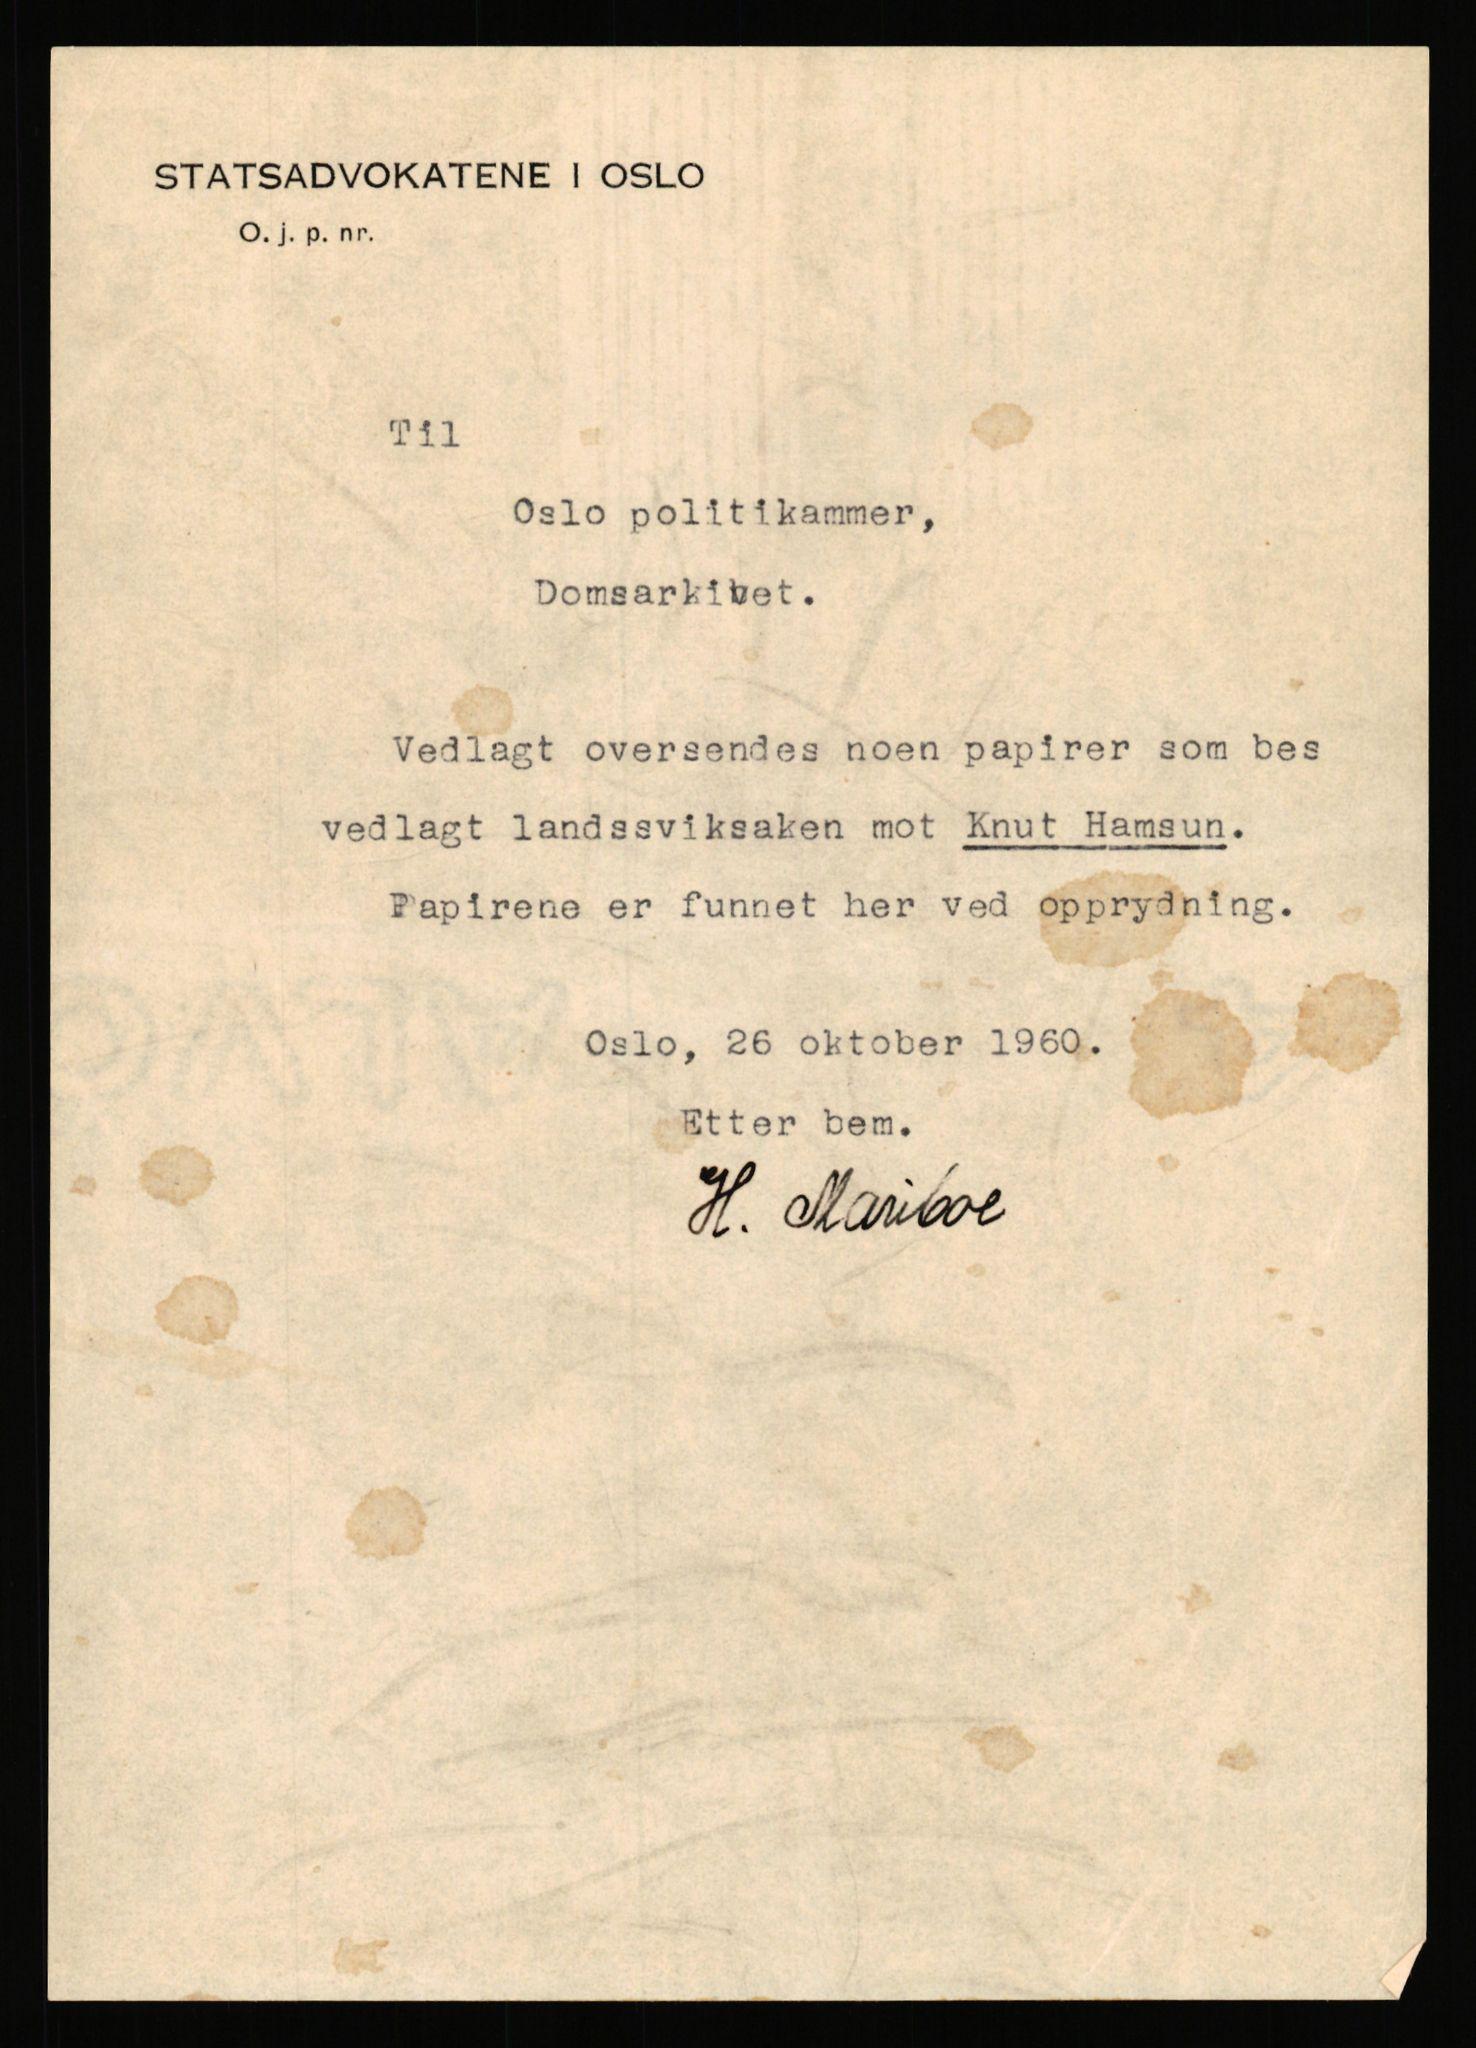 RA, Landssvikarkivet, Arendal politikammer, D/Dc/L0029: Anr. 192/45, 1945-1951, s. 1060